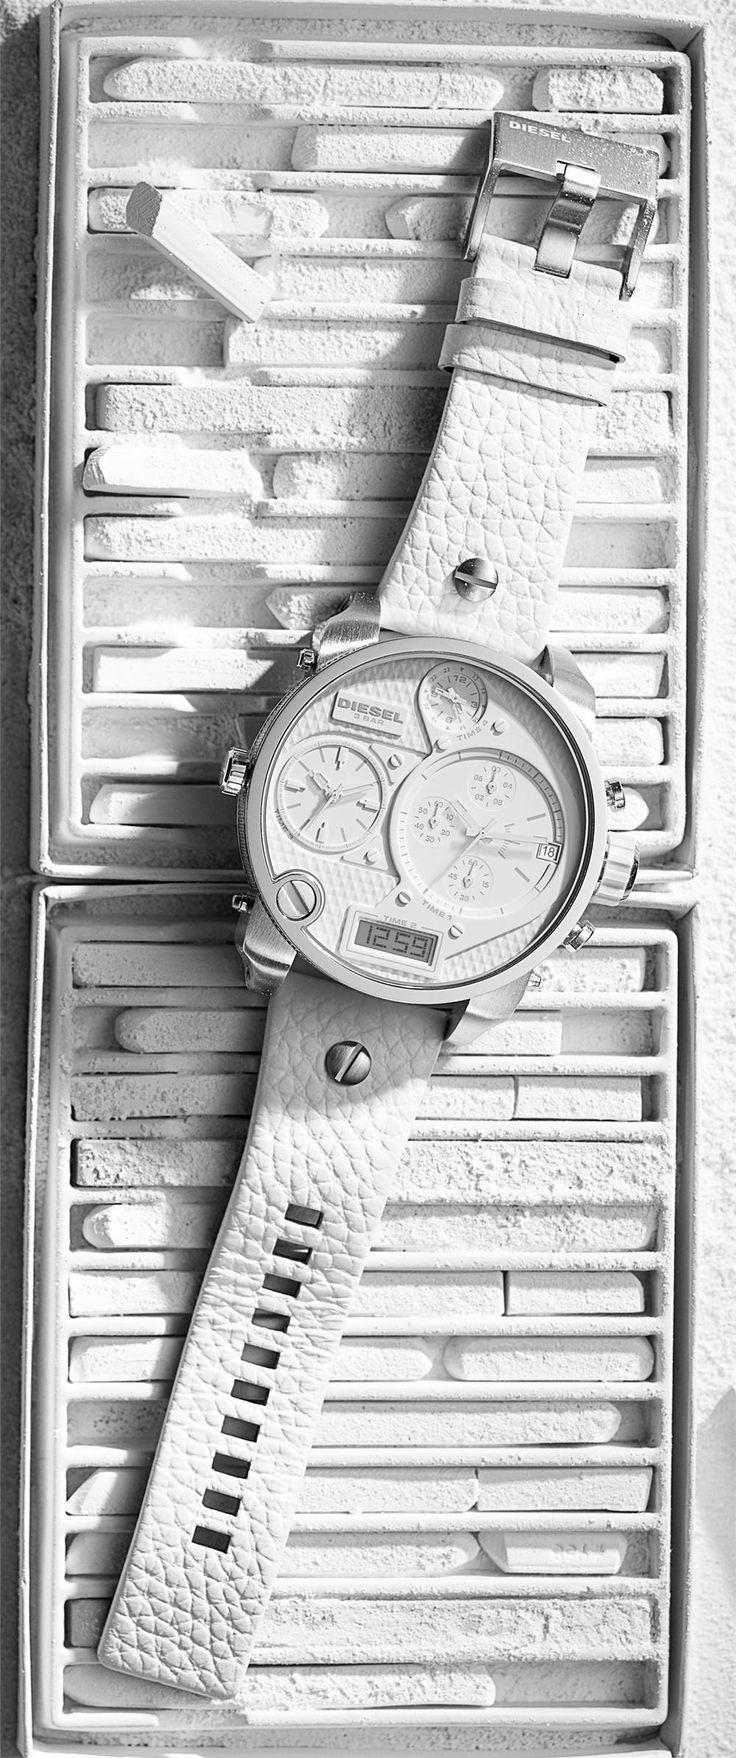 Diesel DZ7194 White SBA Watch - Cool Watches from Watchismo.com